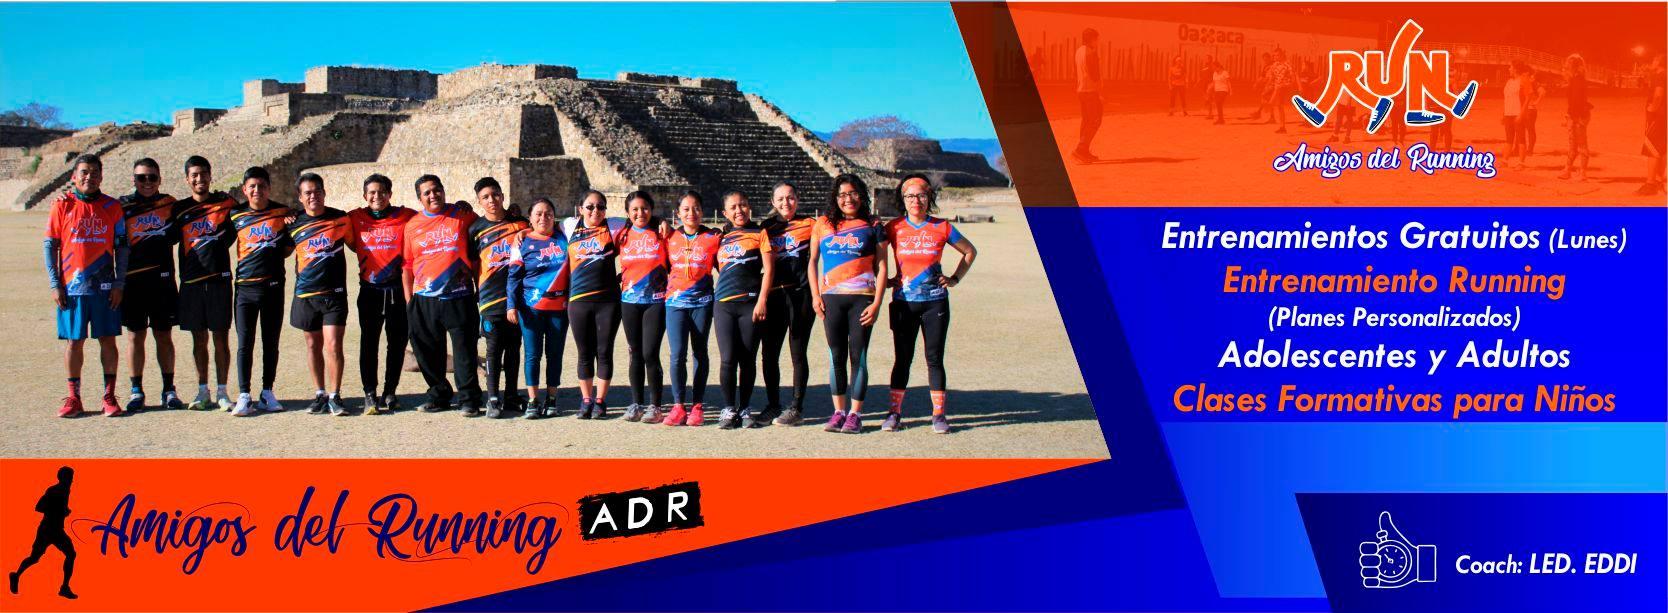 Amigos del Running ADR